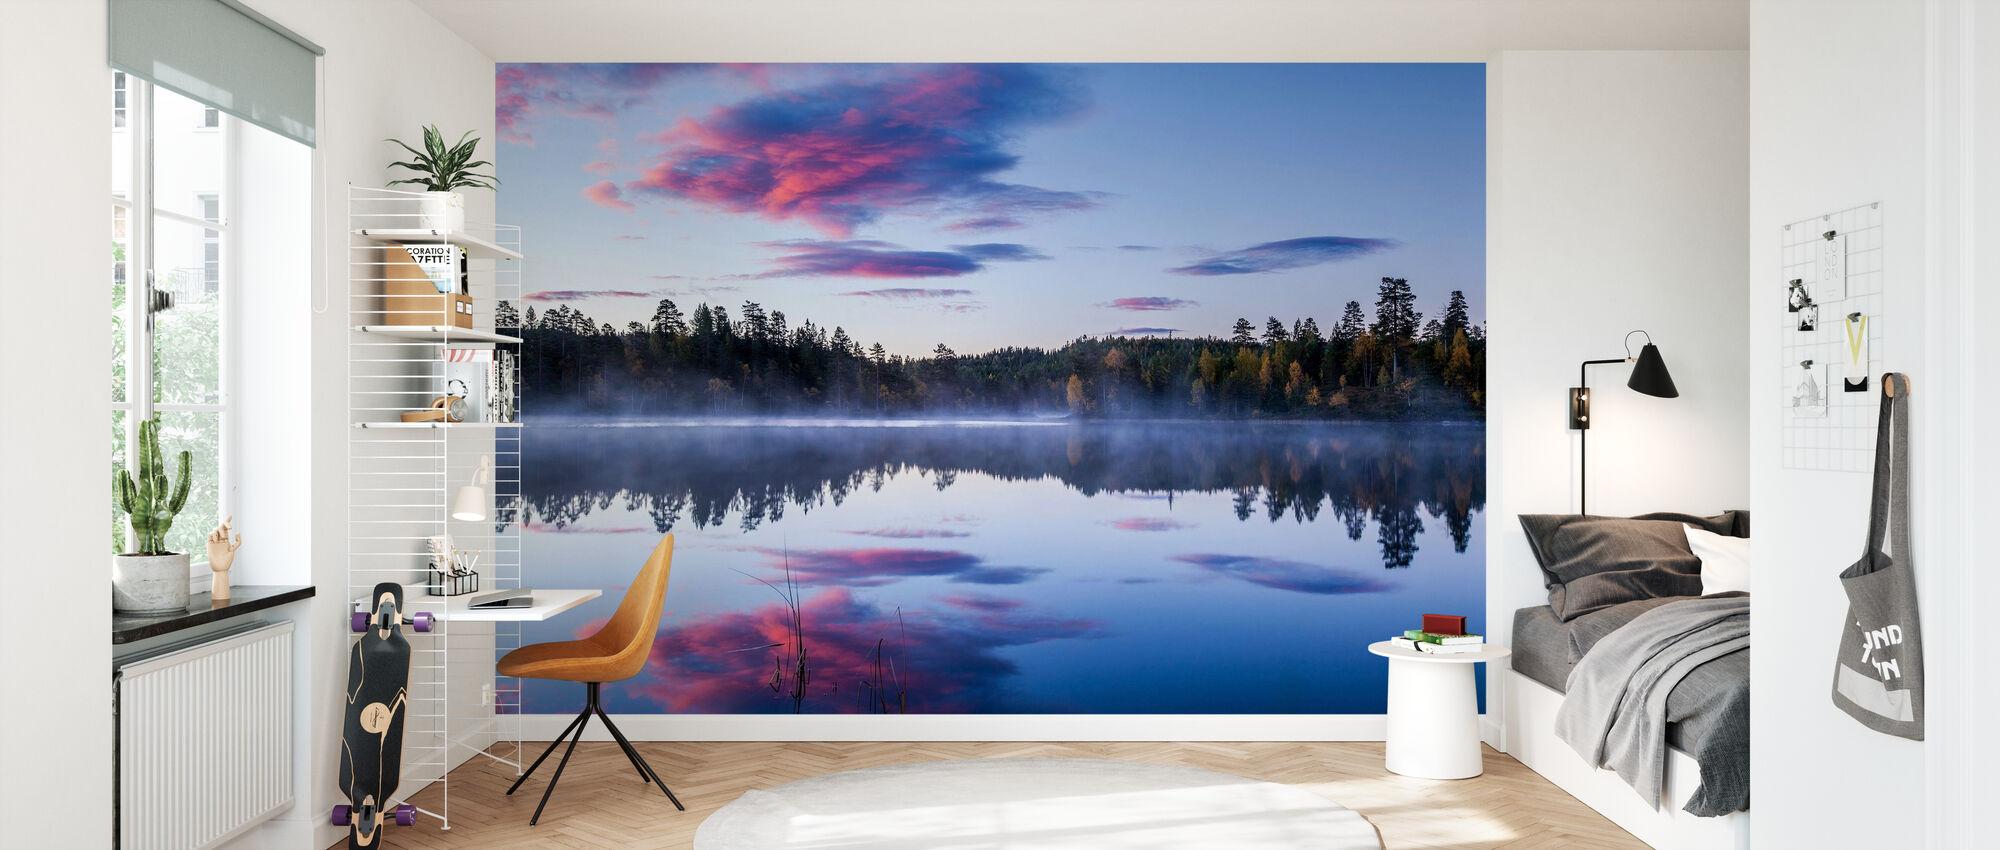 Norwegian Morning - Wallpaper - Kids Room